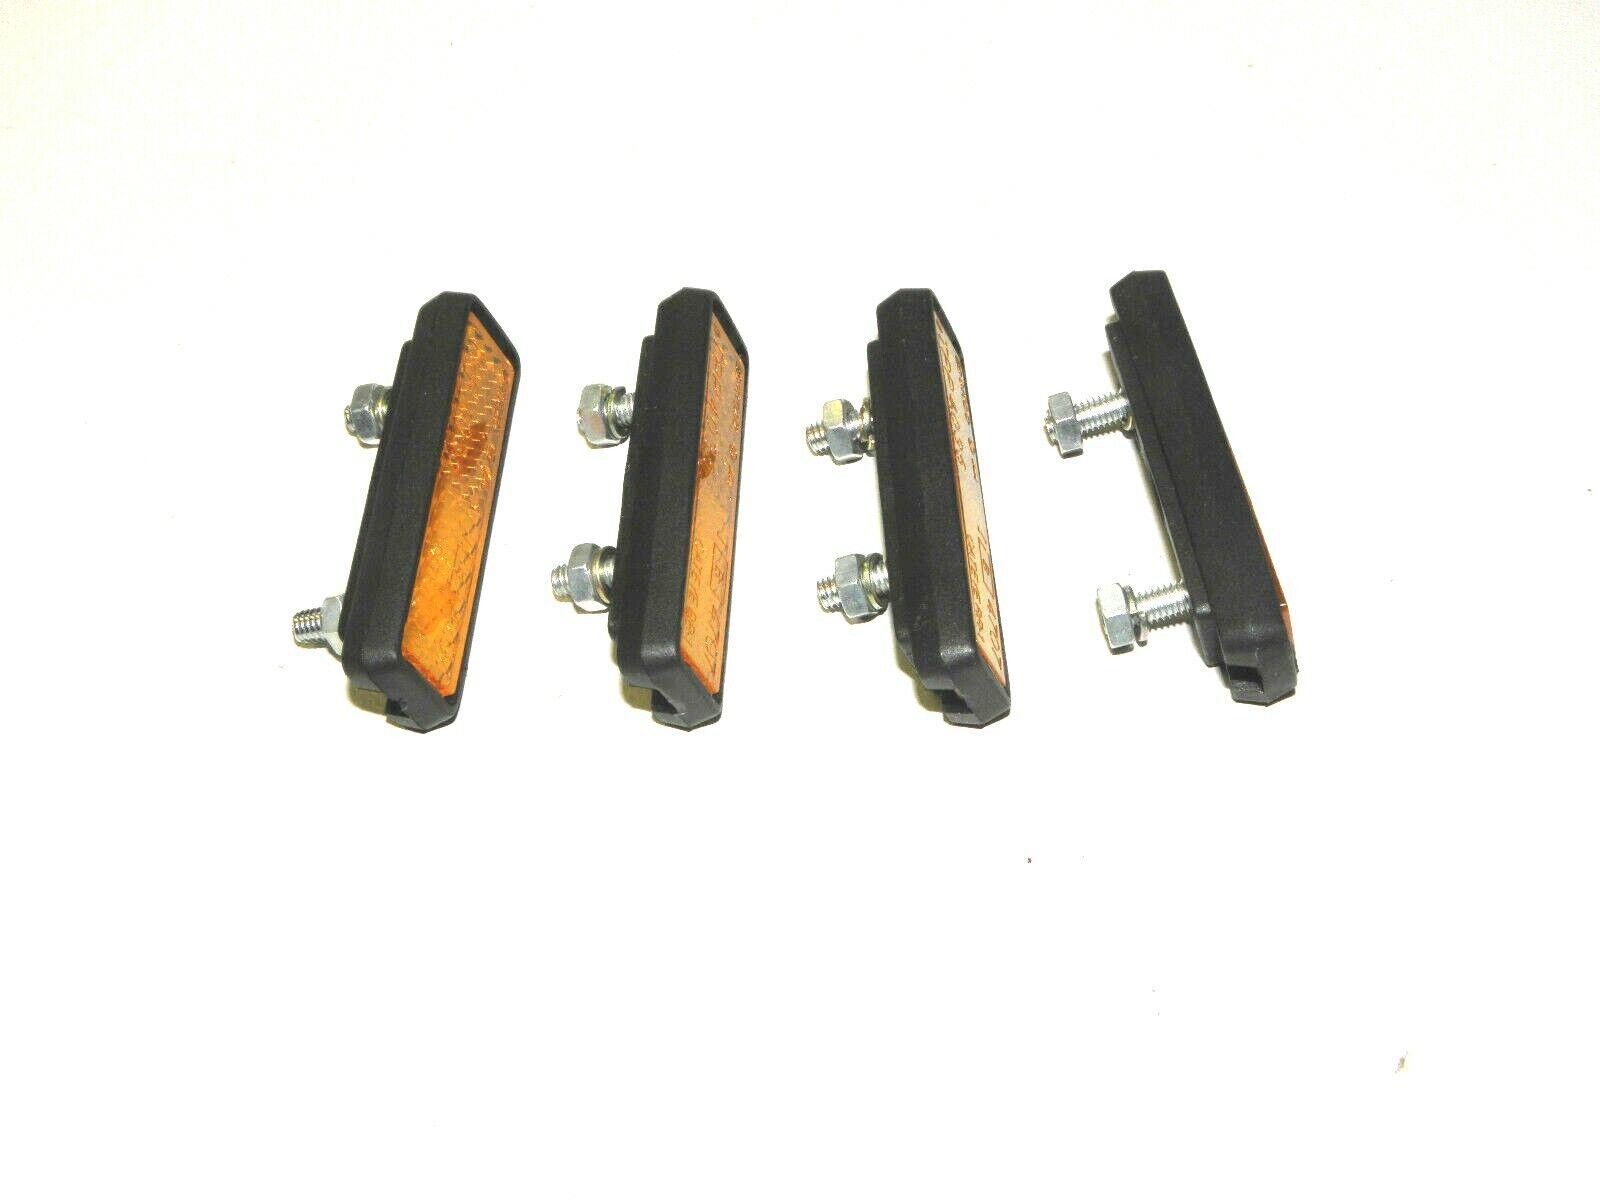 Pedal reflectores 4 set para atornillar pedal reflectores catadióptricos 06925 W